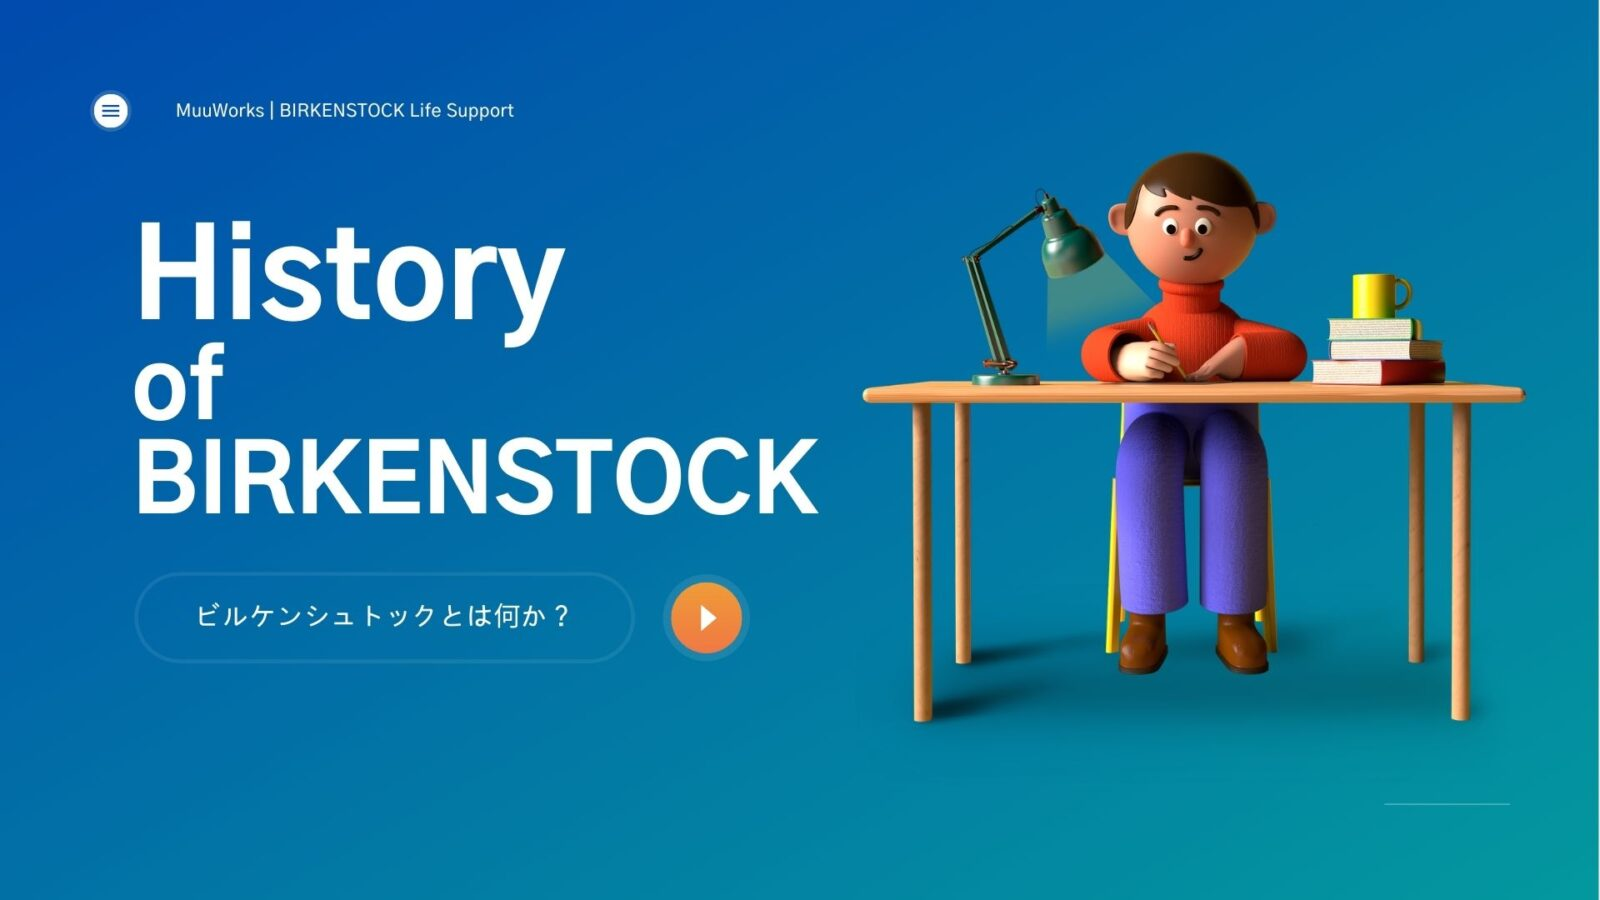 ビルケンシュトックの歴史